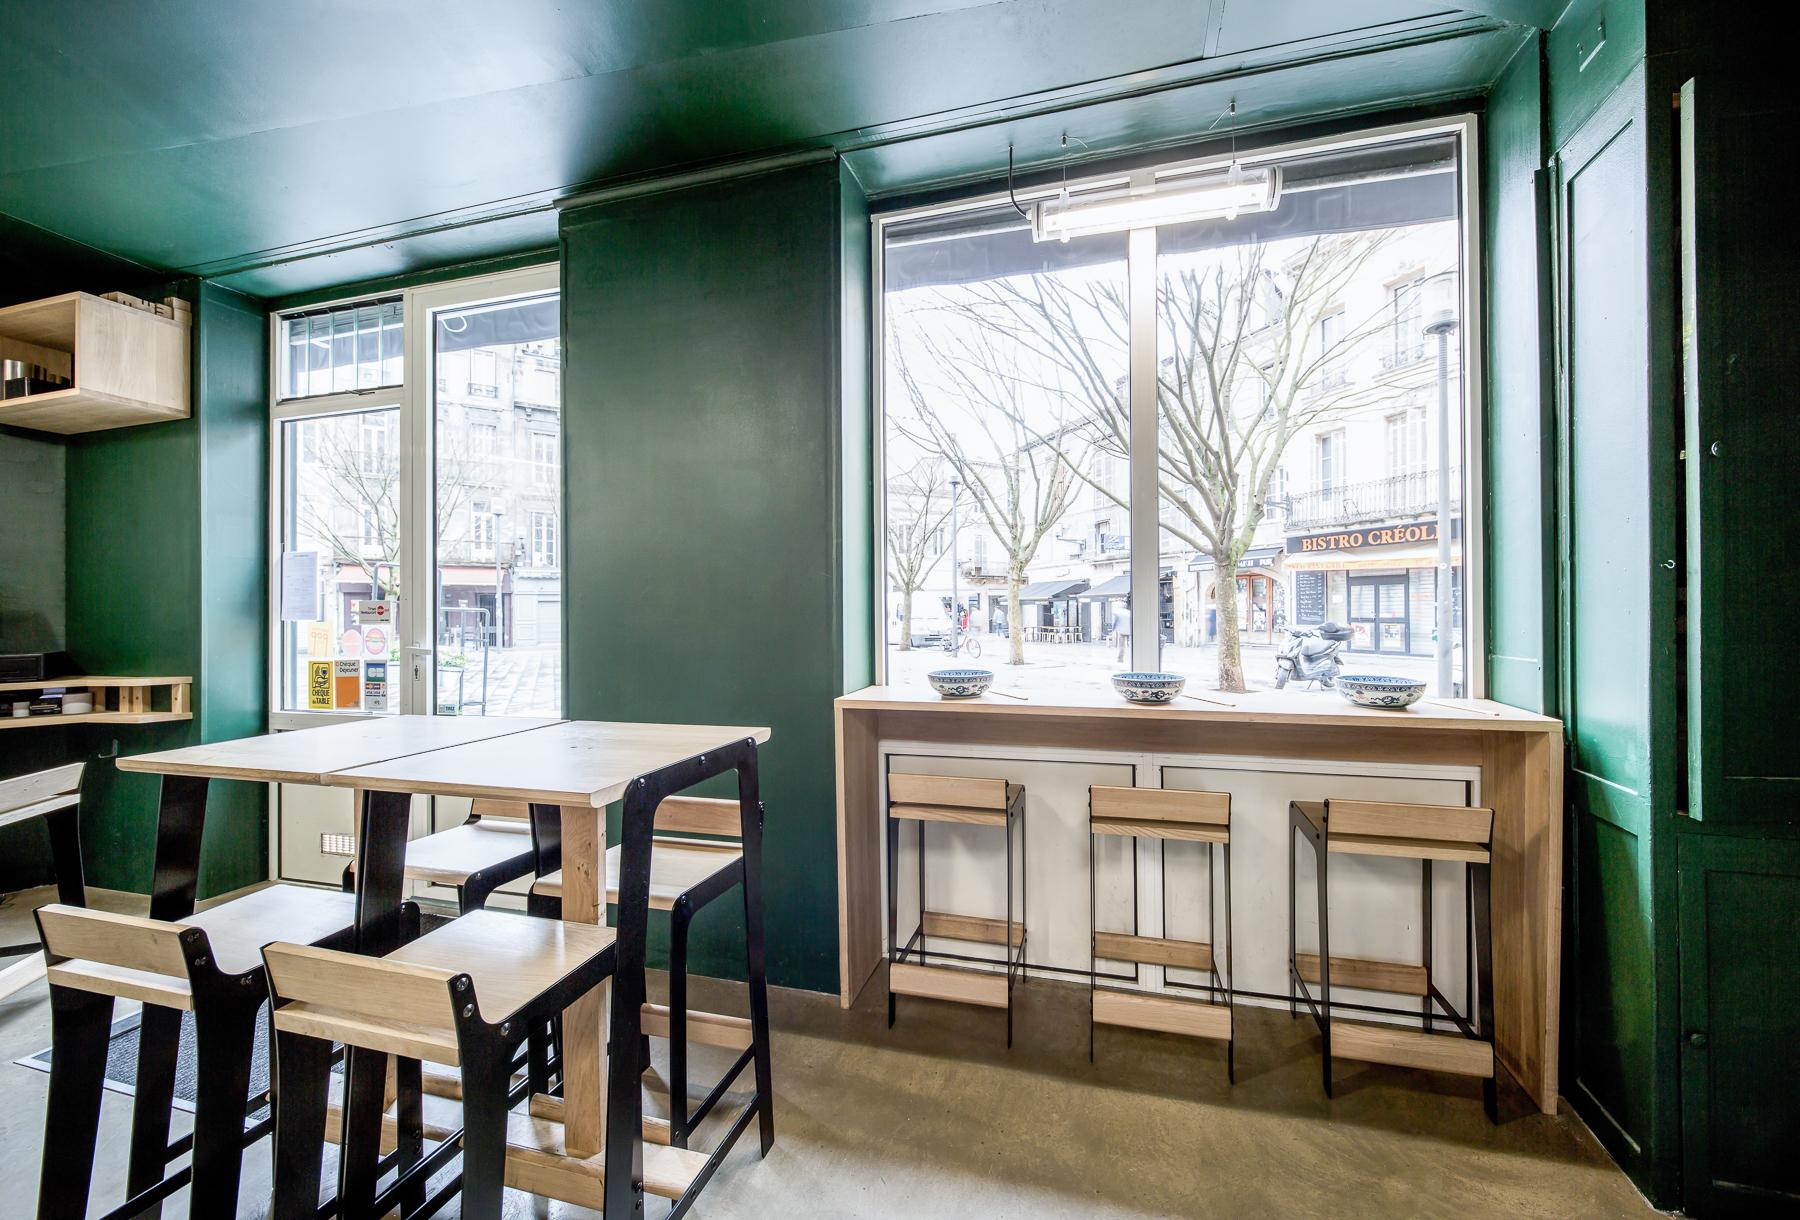 Vue sur extérieur Aménagement restaurant Hu tong Bordeaux Cloison cuisine chaises table tabourets haut Design Dircks